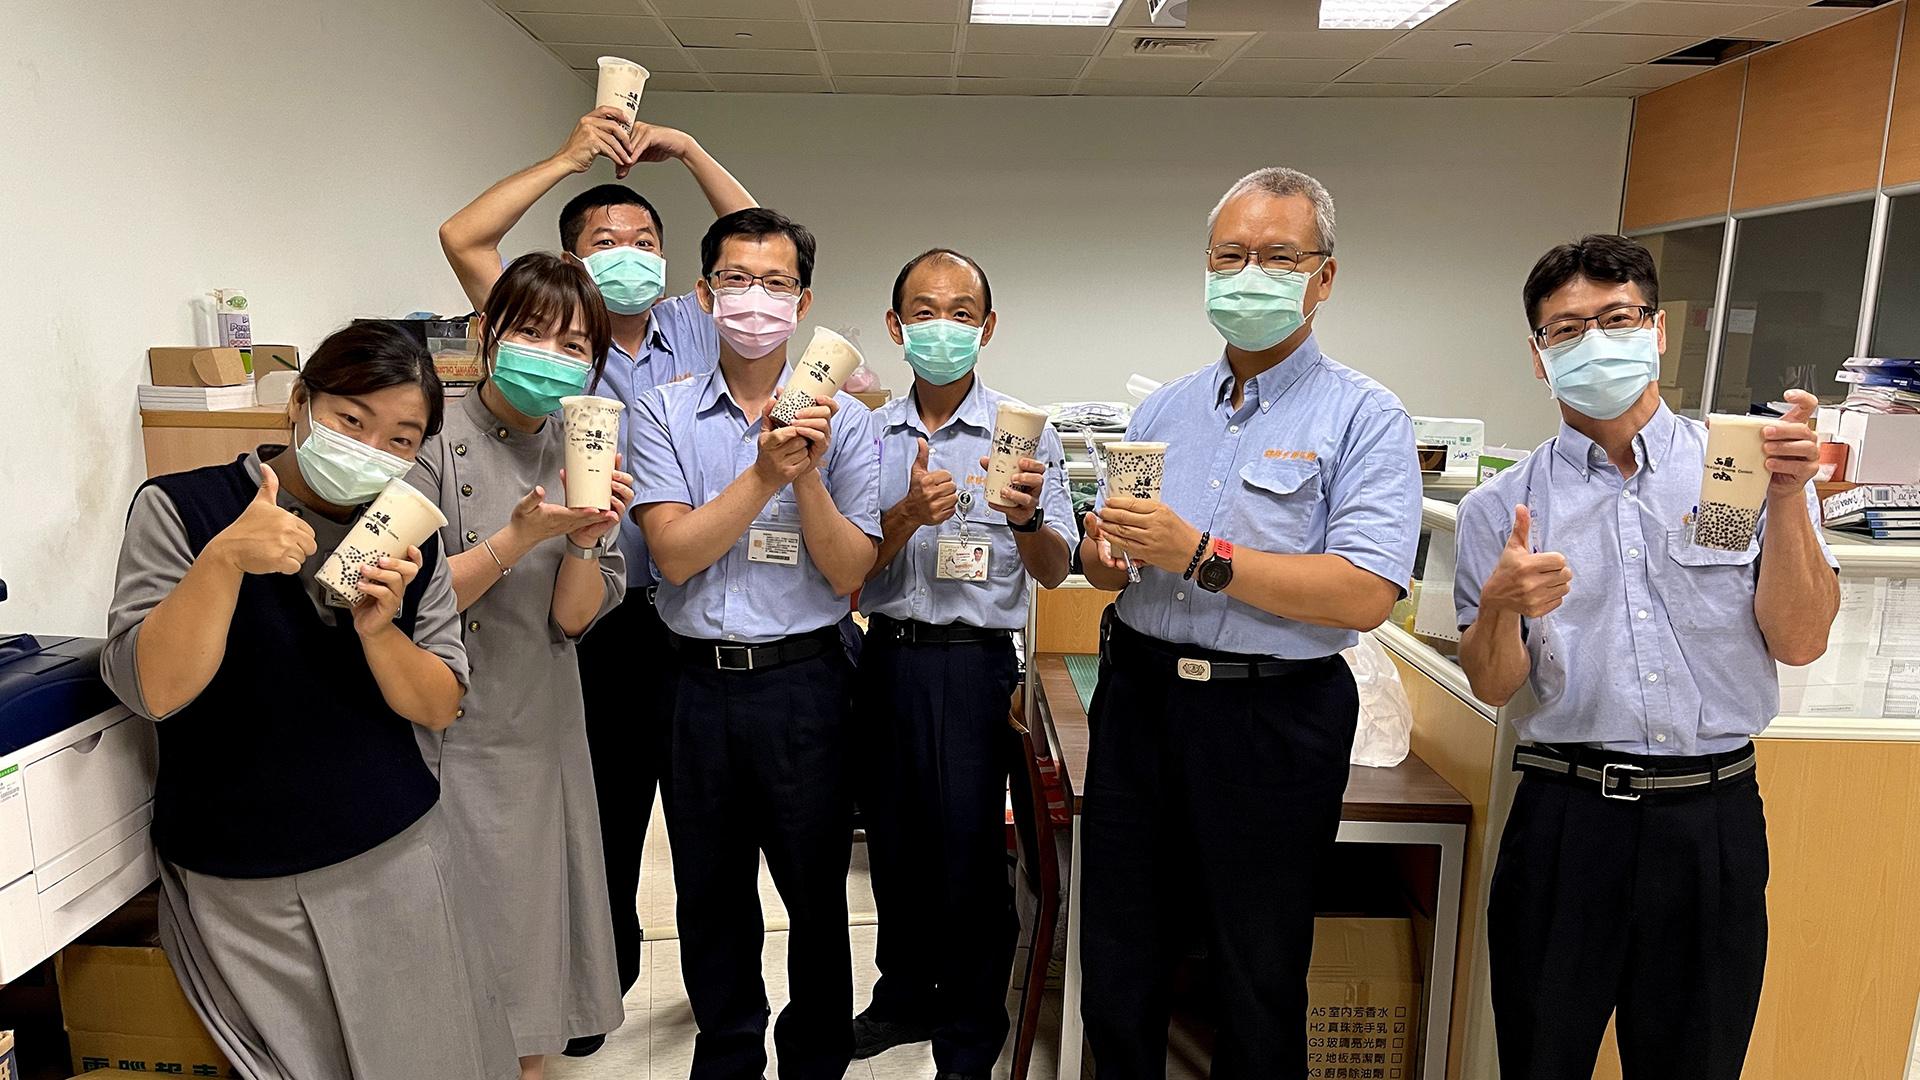 社工師蔡靜宜協助已退休老師採買珍珠奶茶,為同仁打氣!